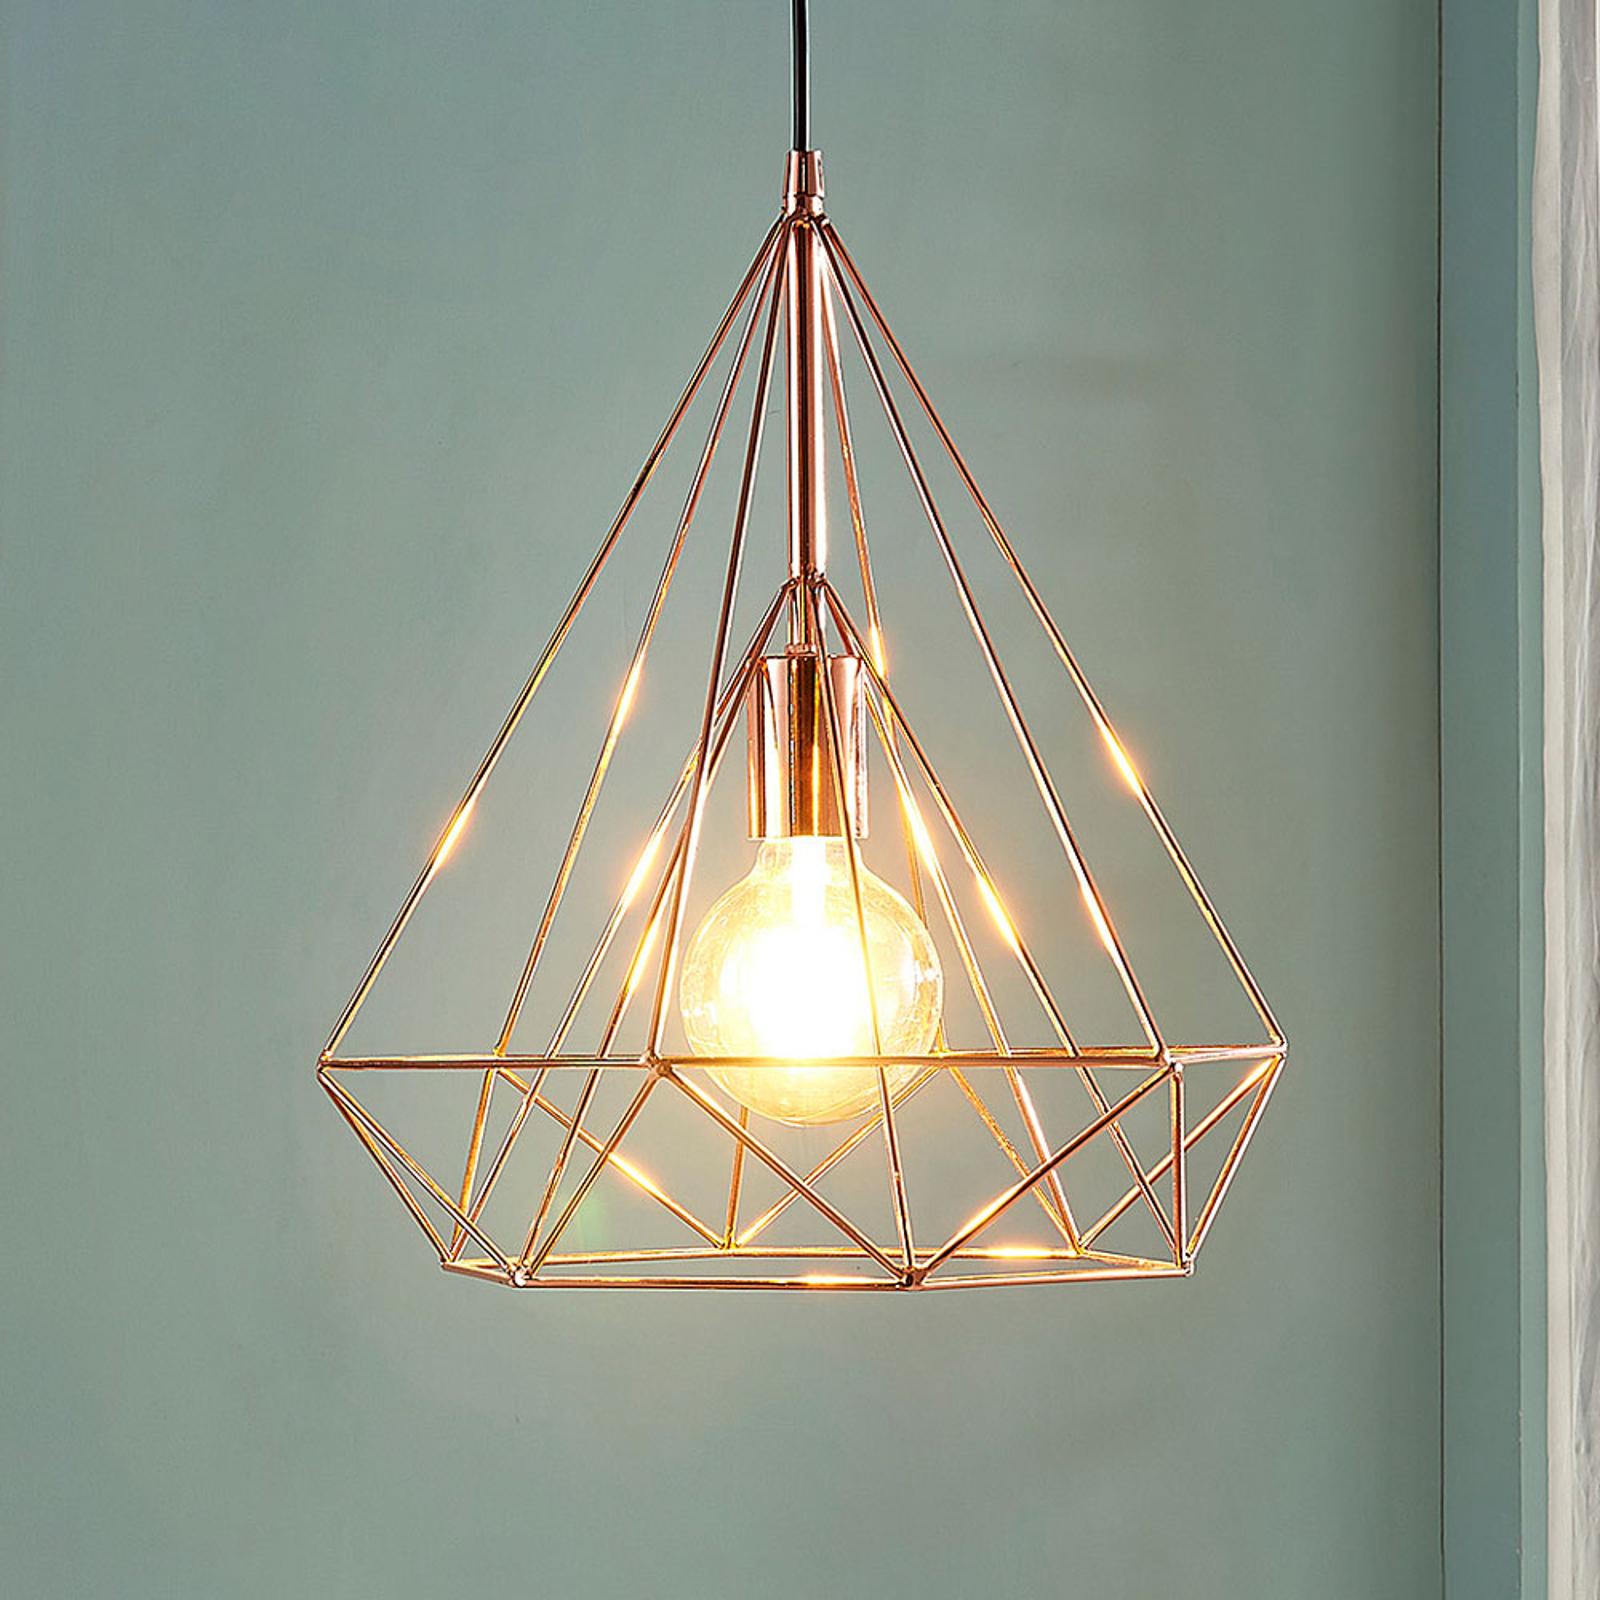 Kooivormige hanglamp in koperkleur Jossa